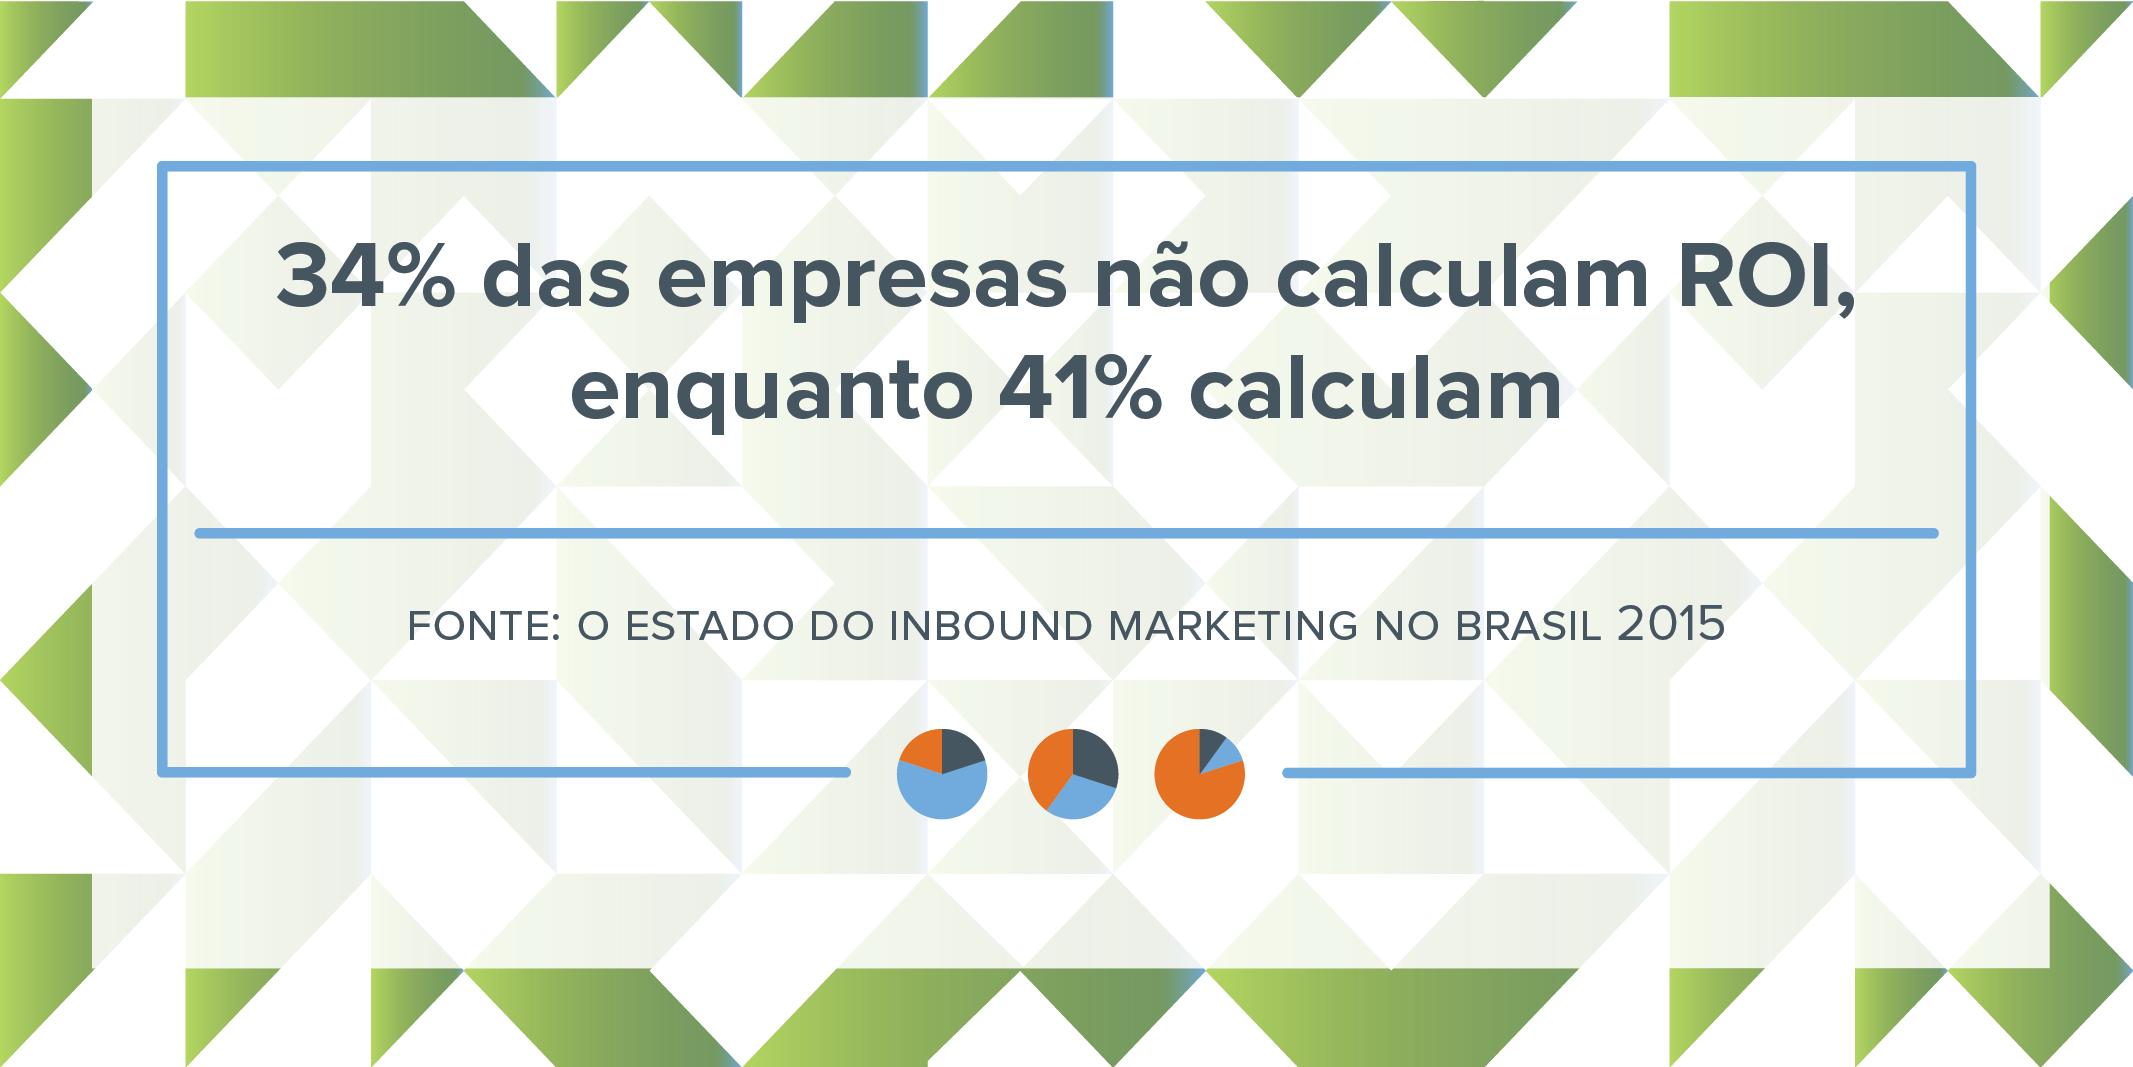 estatisticas-de-inbound-marketing-8.png